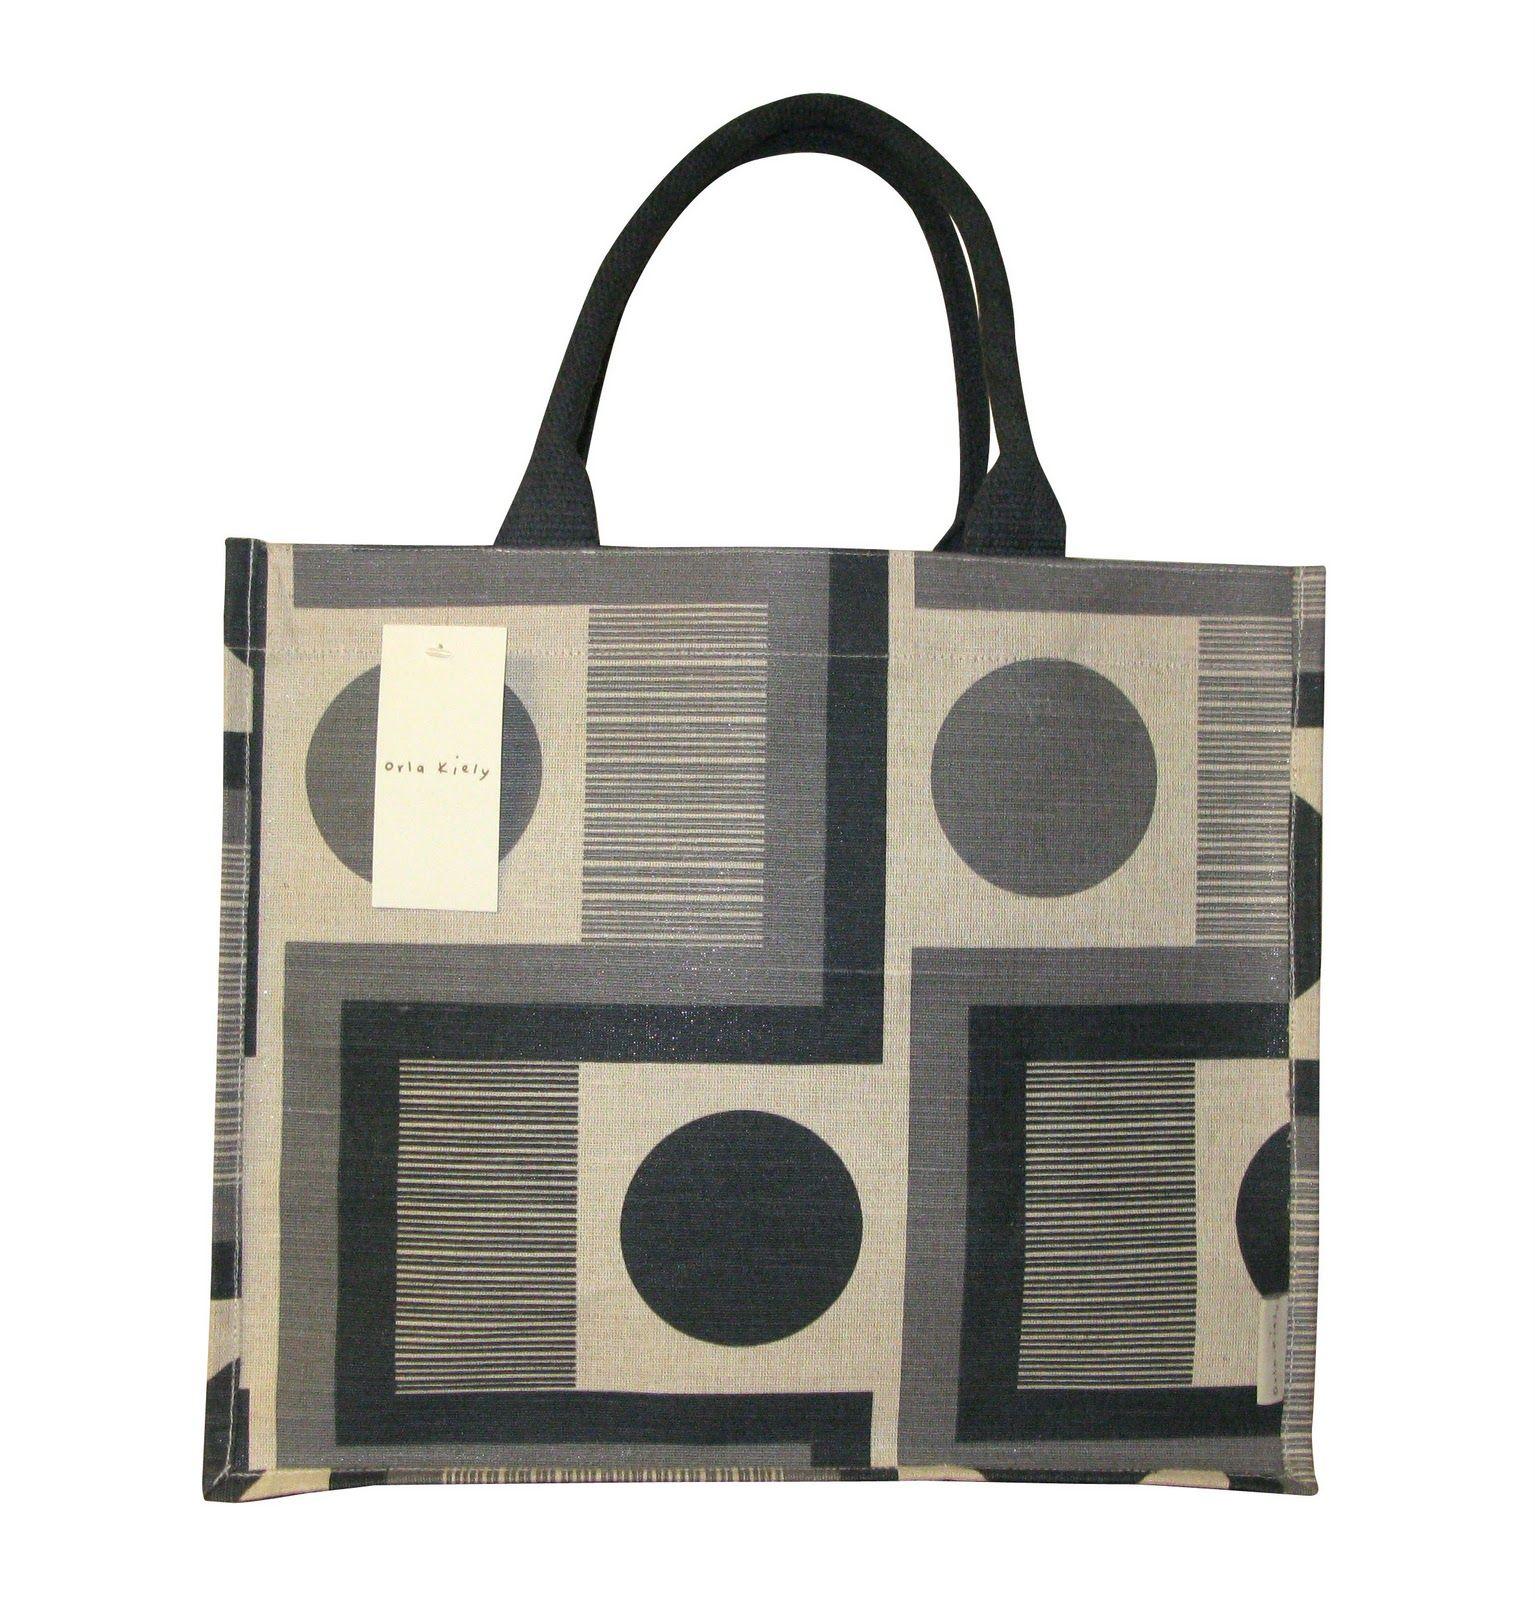 Orla Kiely Tesco shopping bag #2